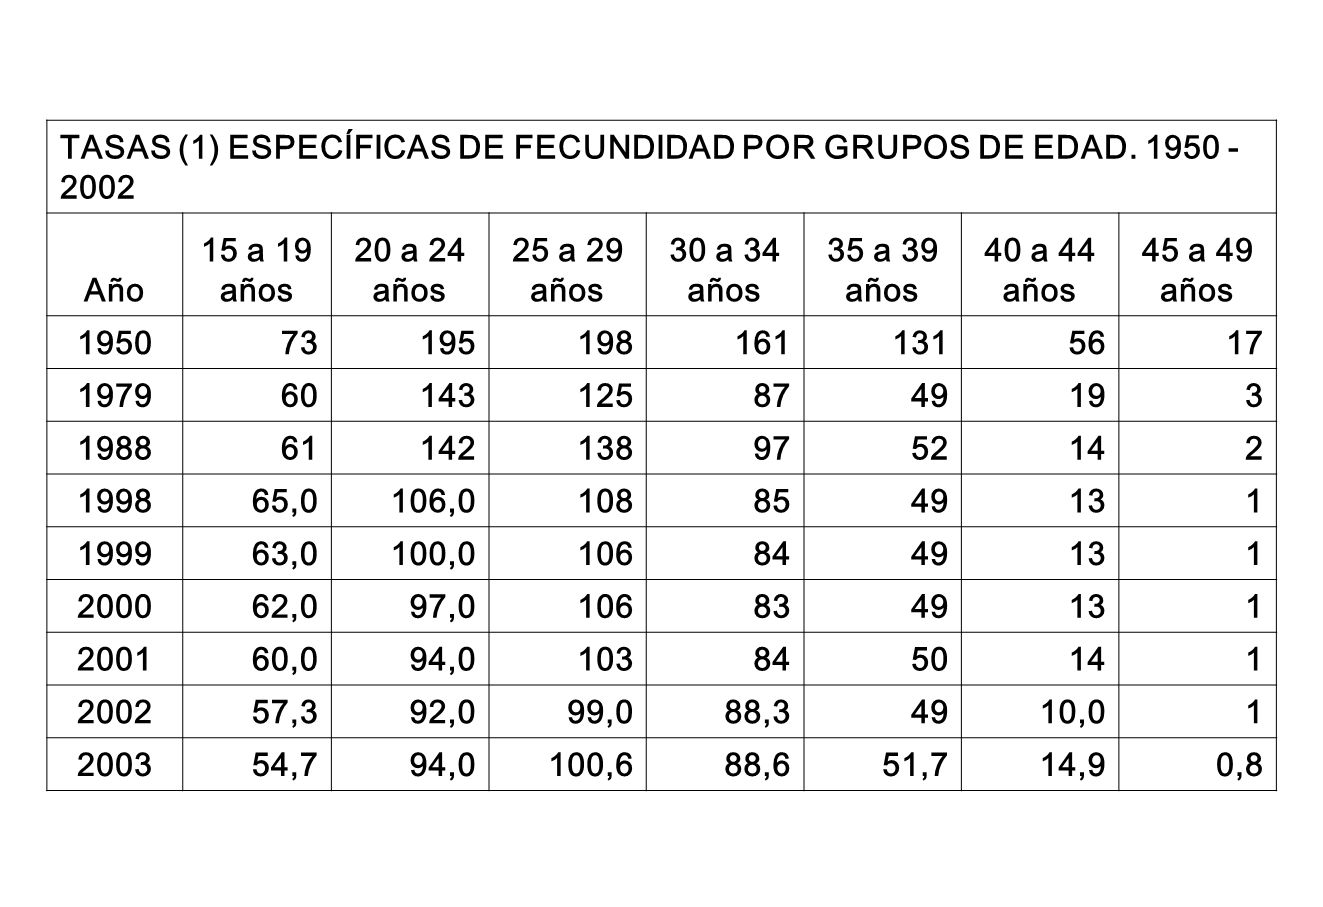 TASAS (1) ESPECÍFICAS DE FECUNDIDAD POR GRUPOS DE EDAD. 1950 - 2002